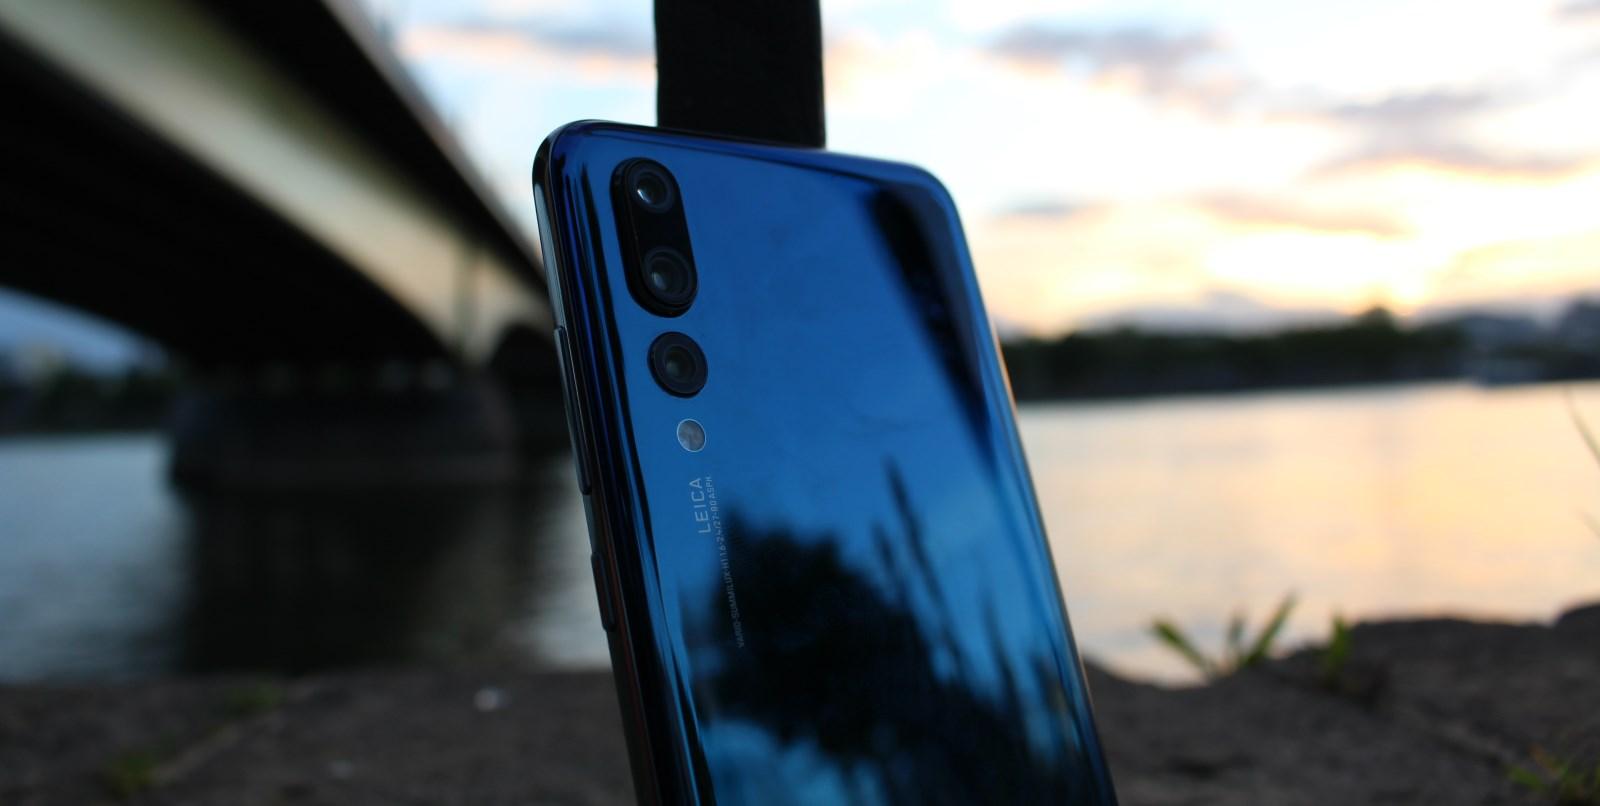 EMUI 9.1 landet jetzt auf dem Huawei P20 Pro